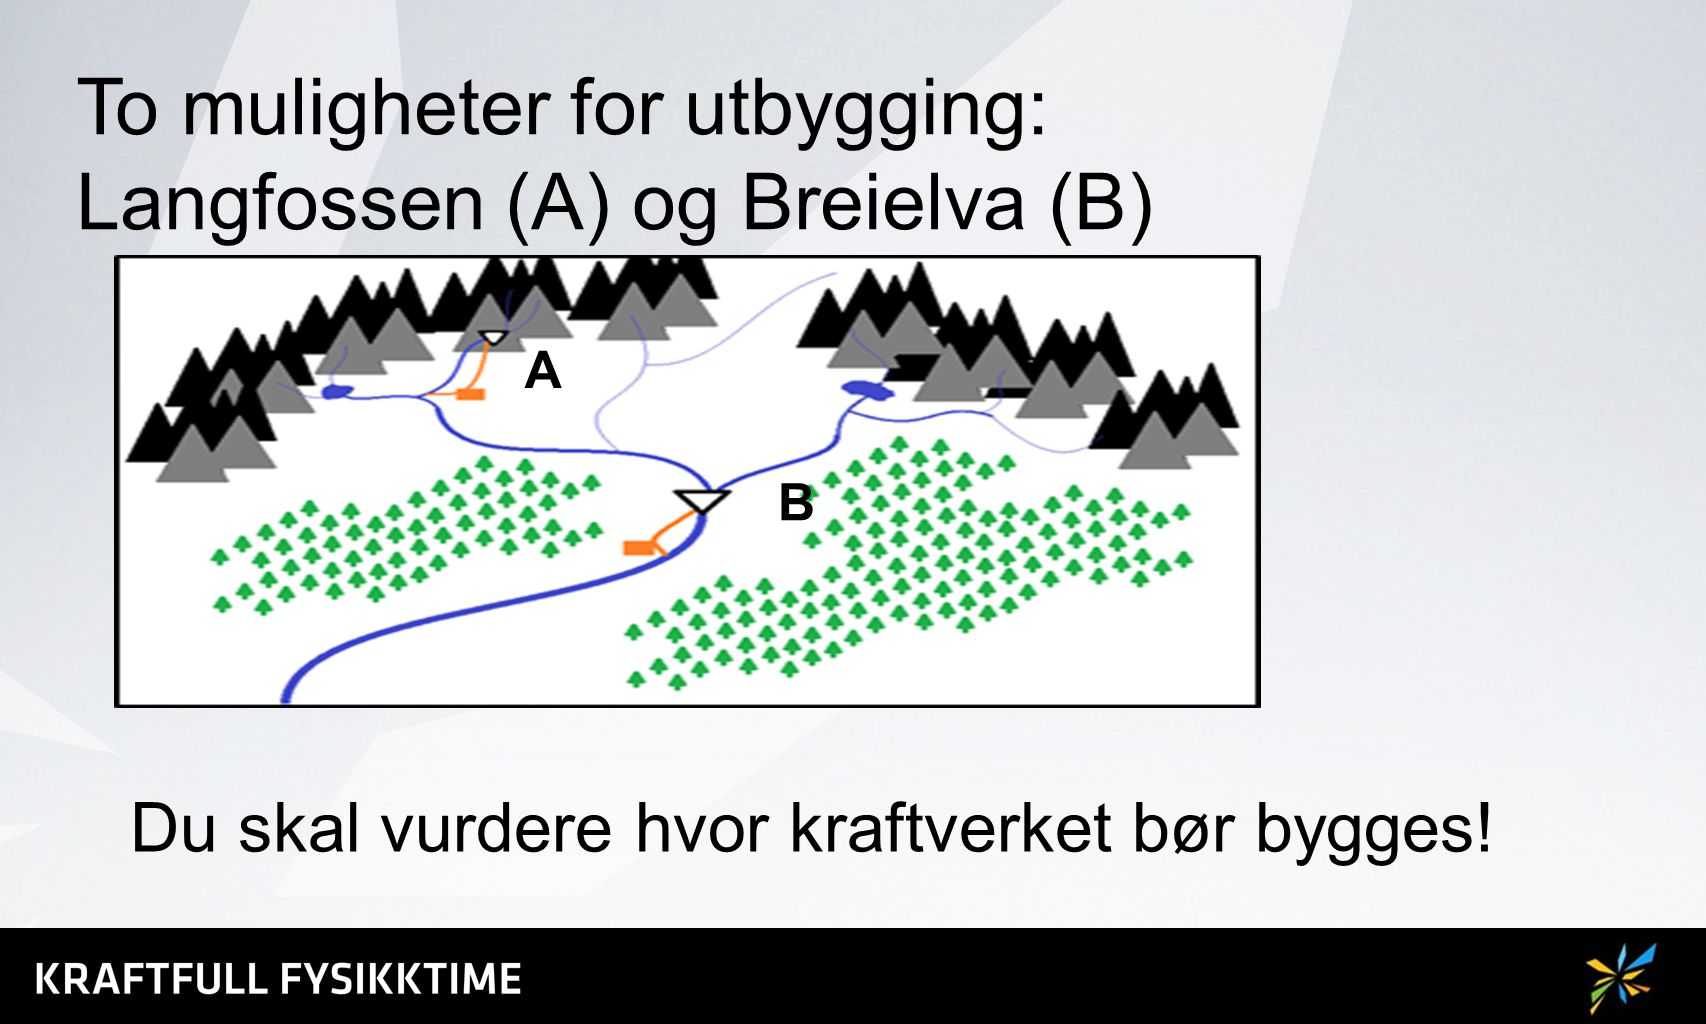 To muligheter for utbygging: Langfossen (A) og Breielva (B)